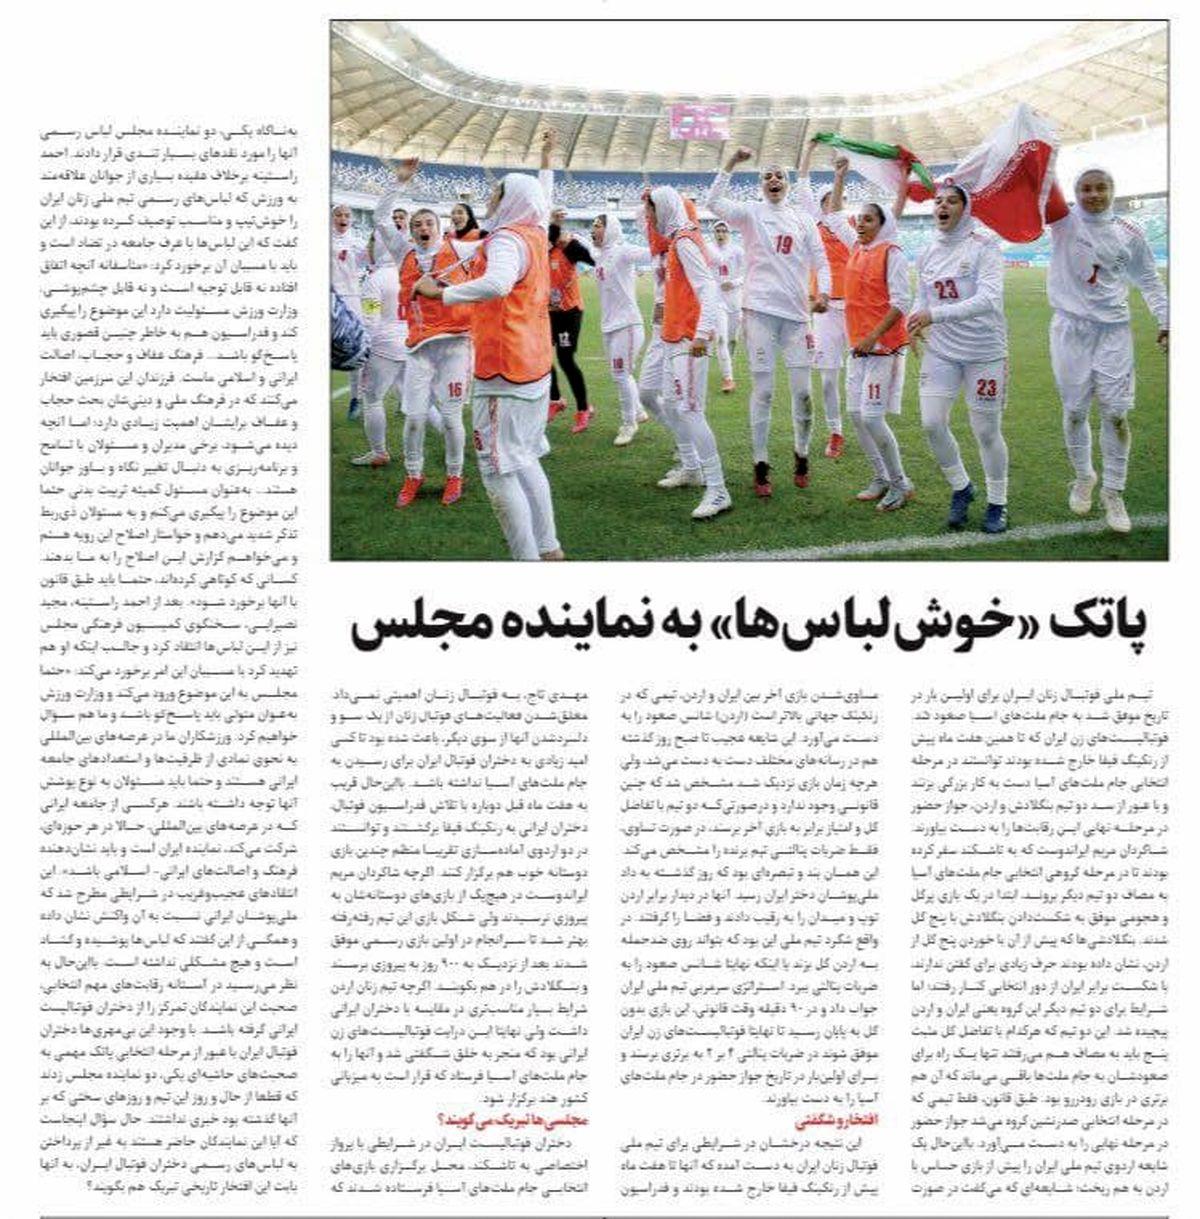 تیتر جنجالی شرق درباره  دختران فوتبال ایران